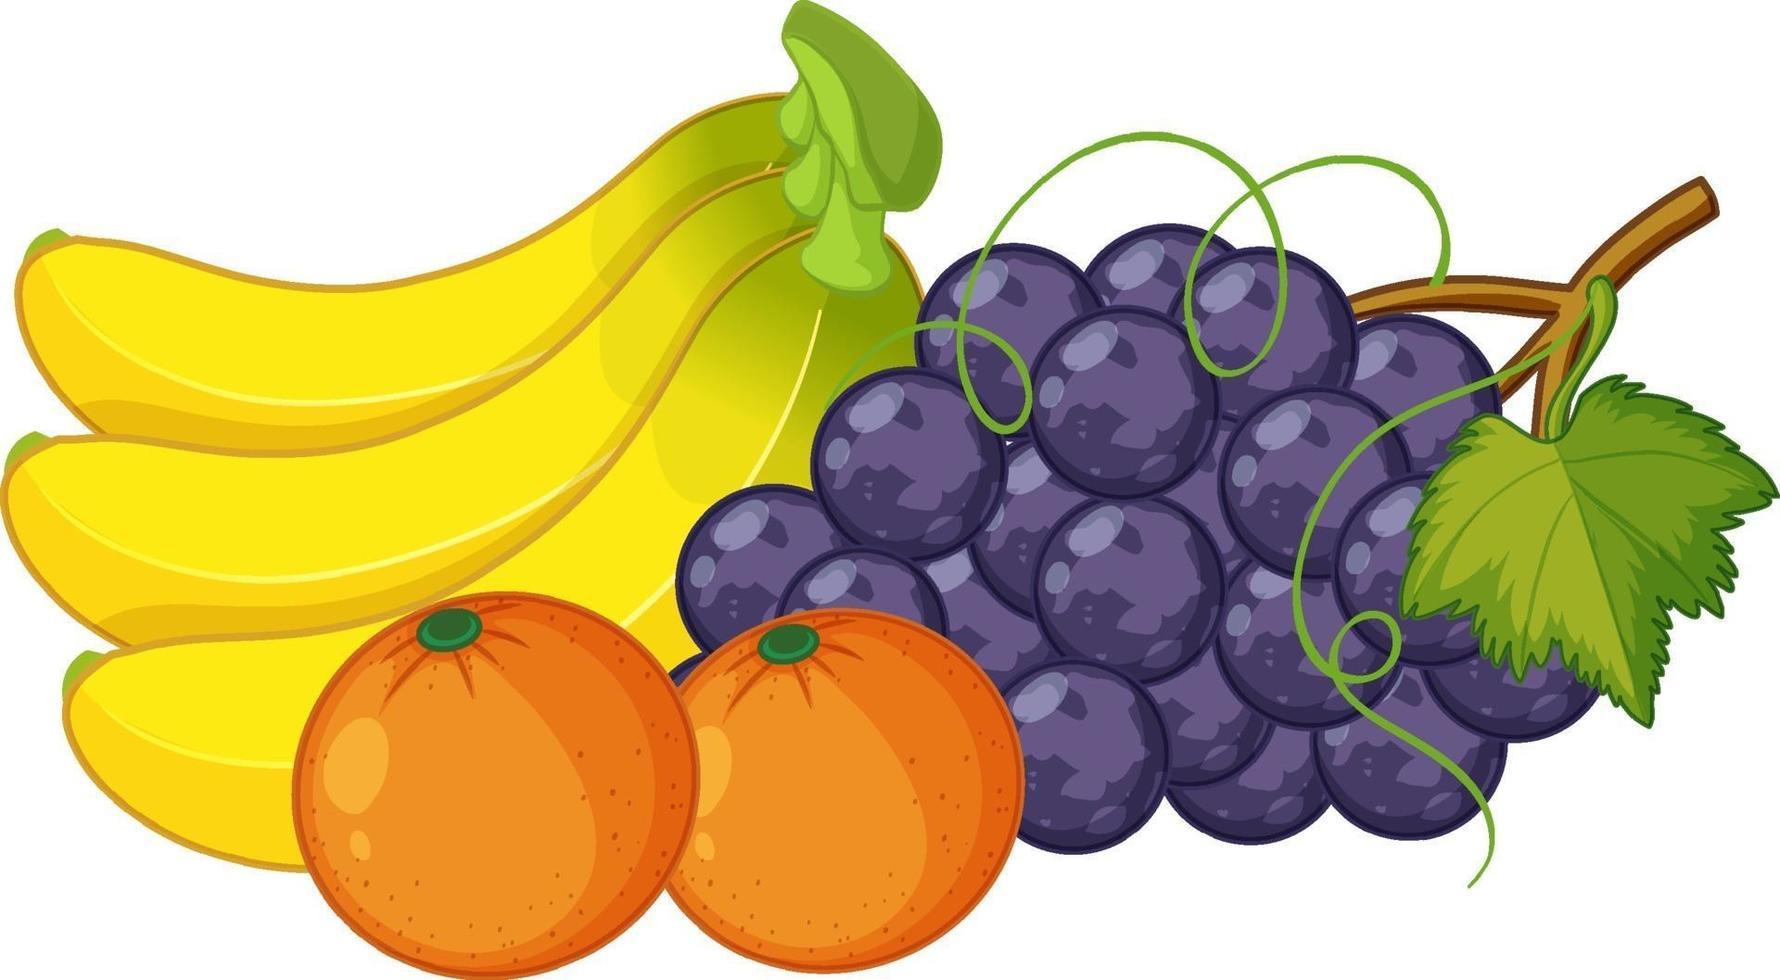 grupp av frukter isolerad på vit bakgrund vektor